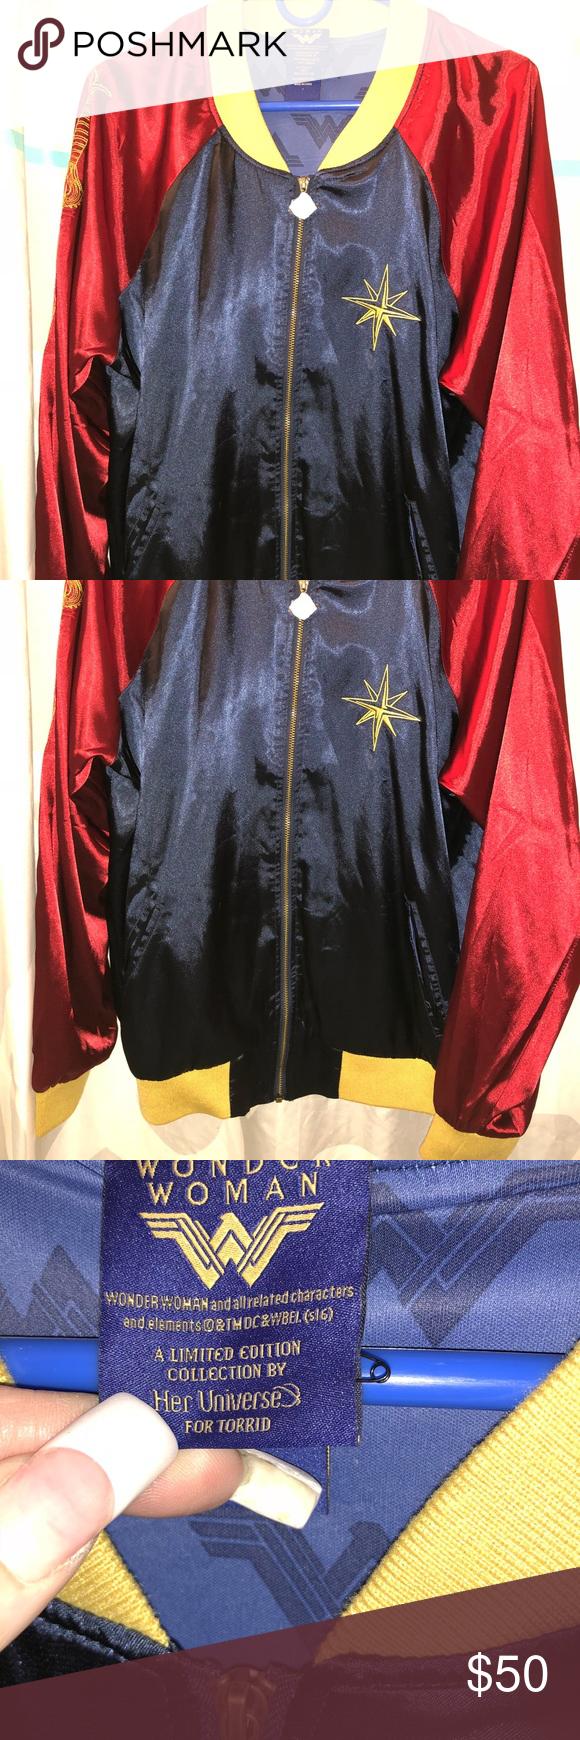 Torrid Wonder Woman bomber jacket NWT Bomber jacket